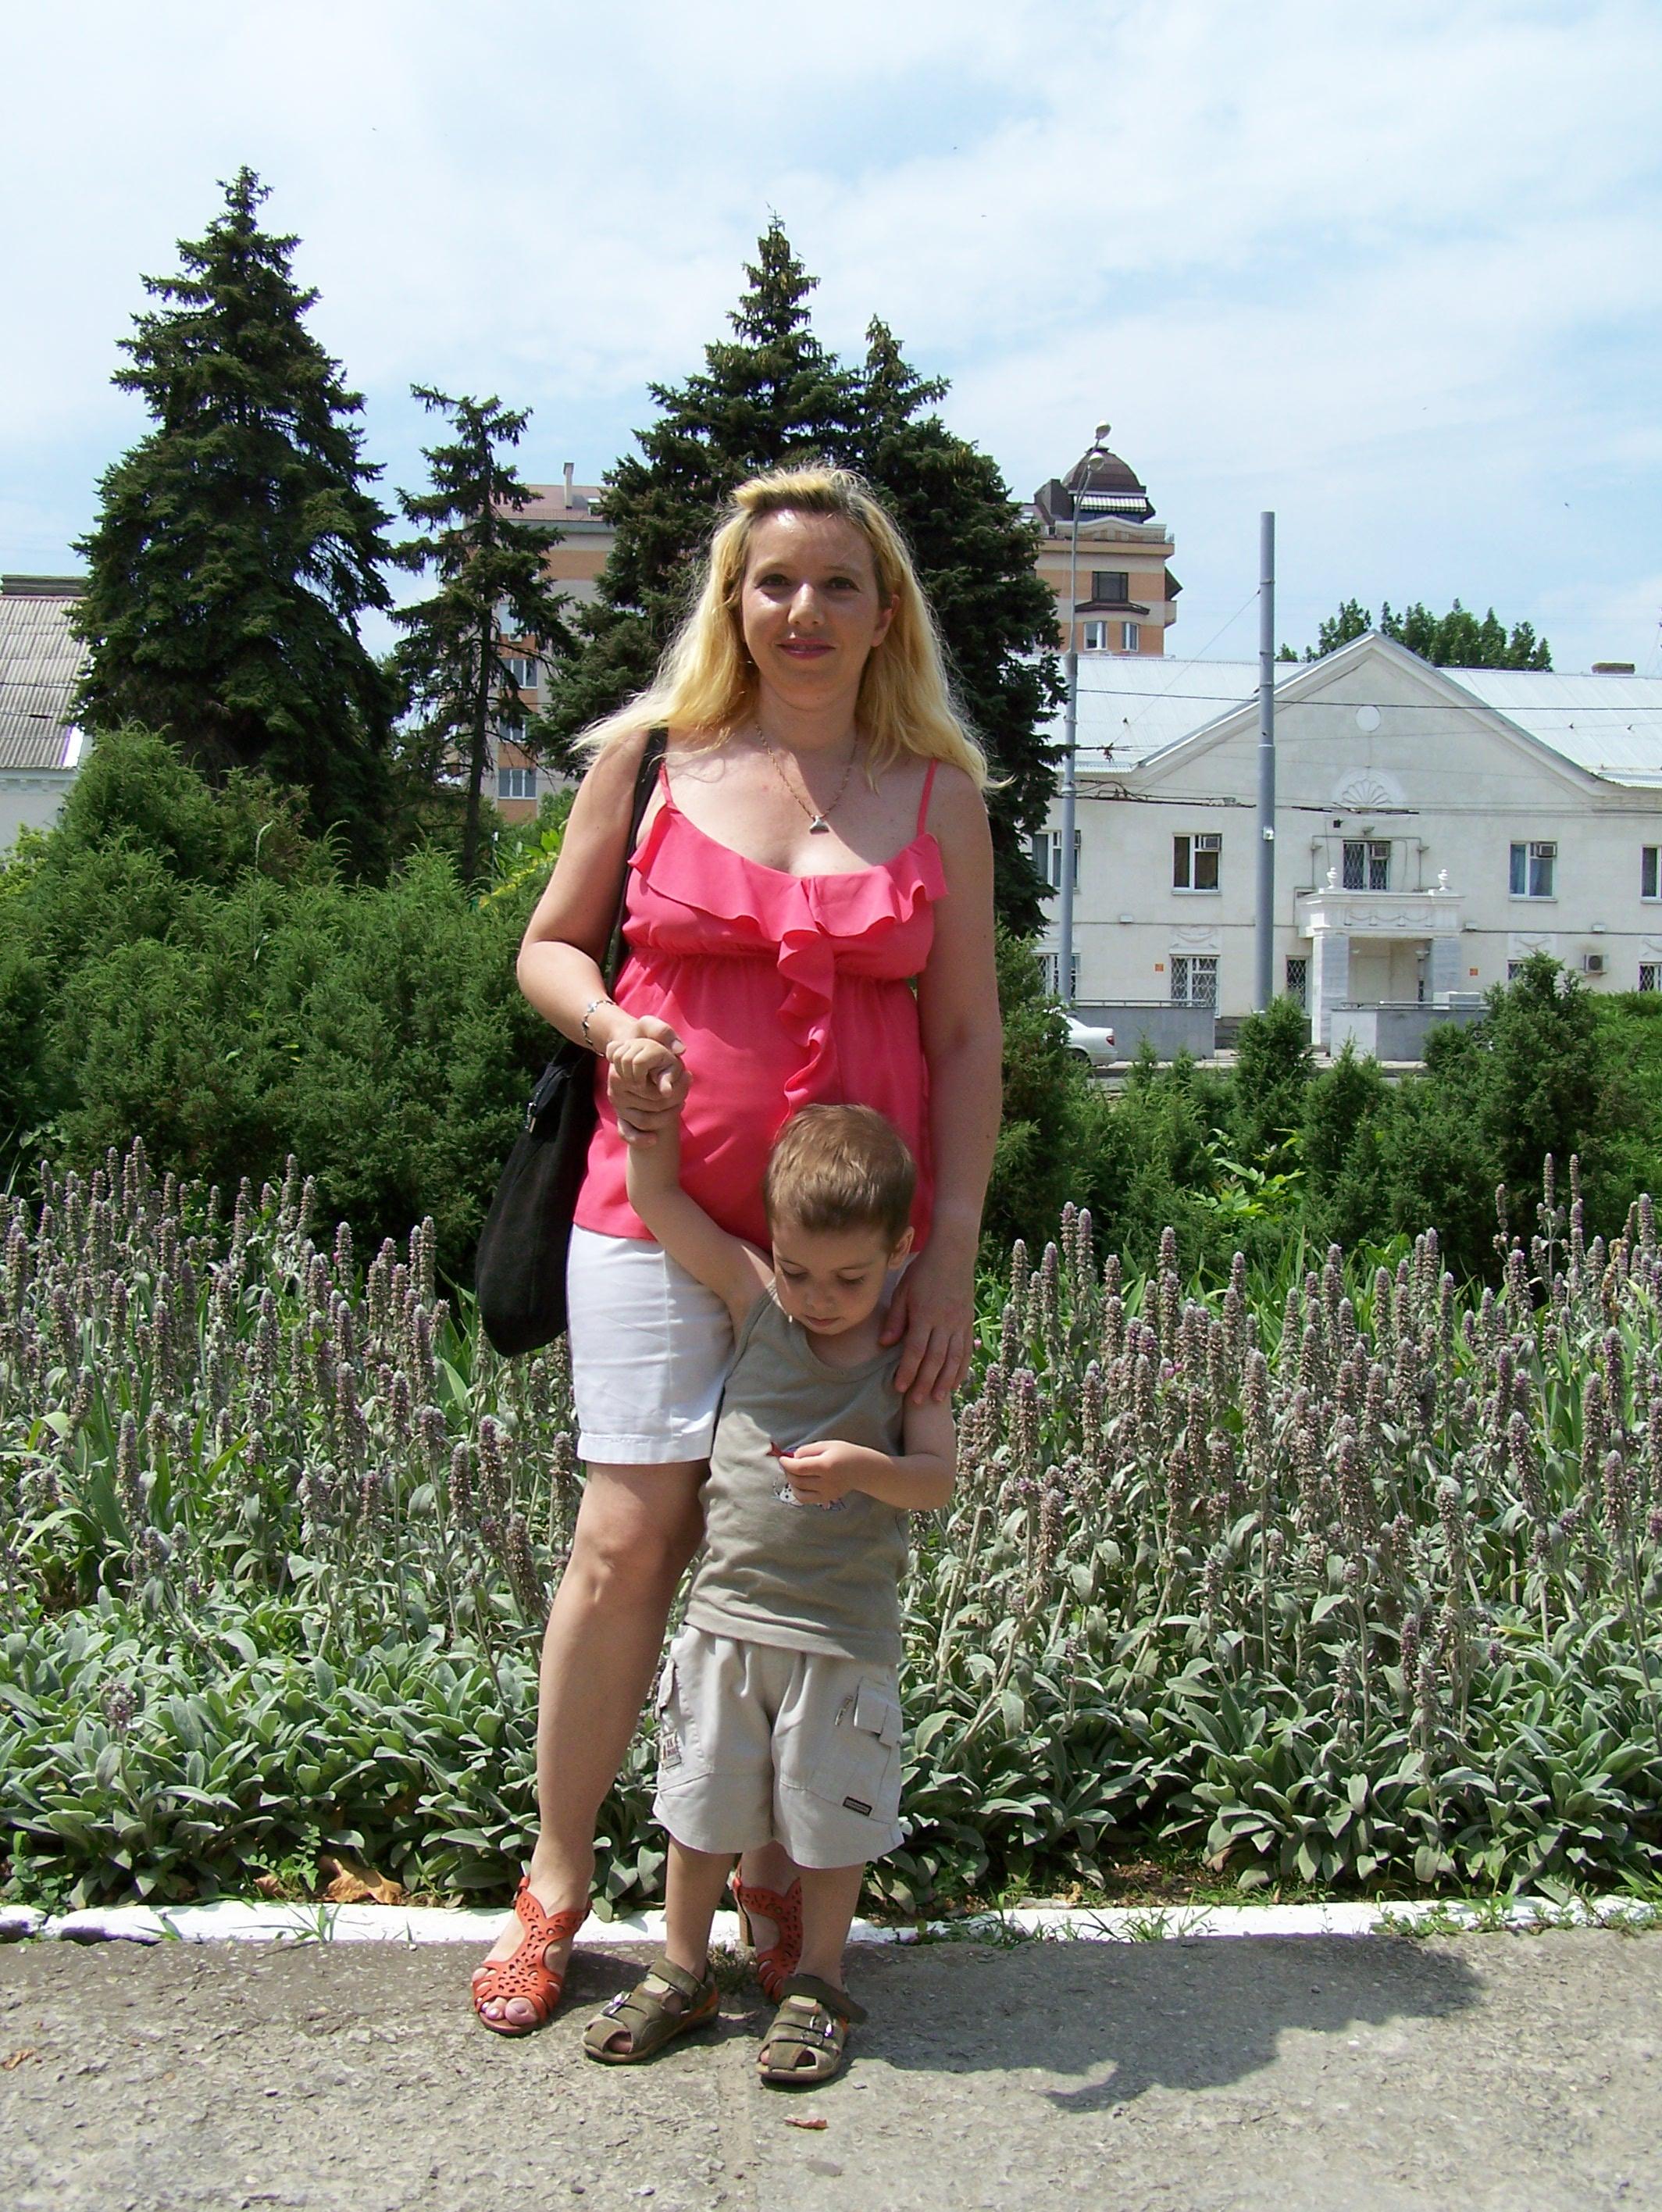 православный сайт знакомства для создания семьи фото